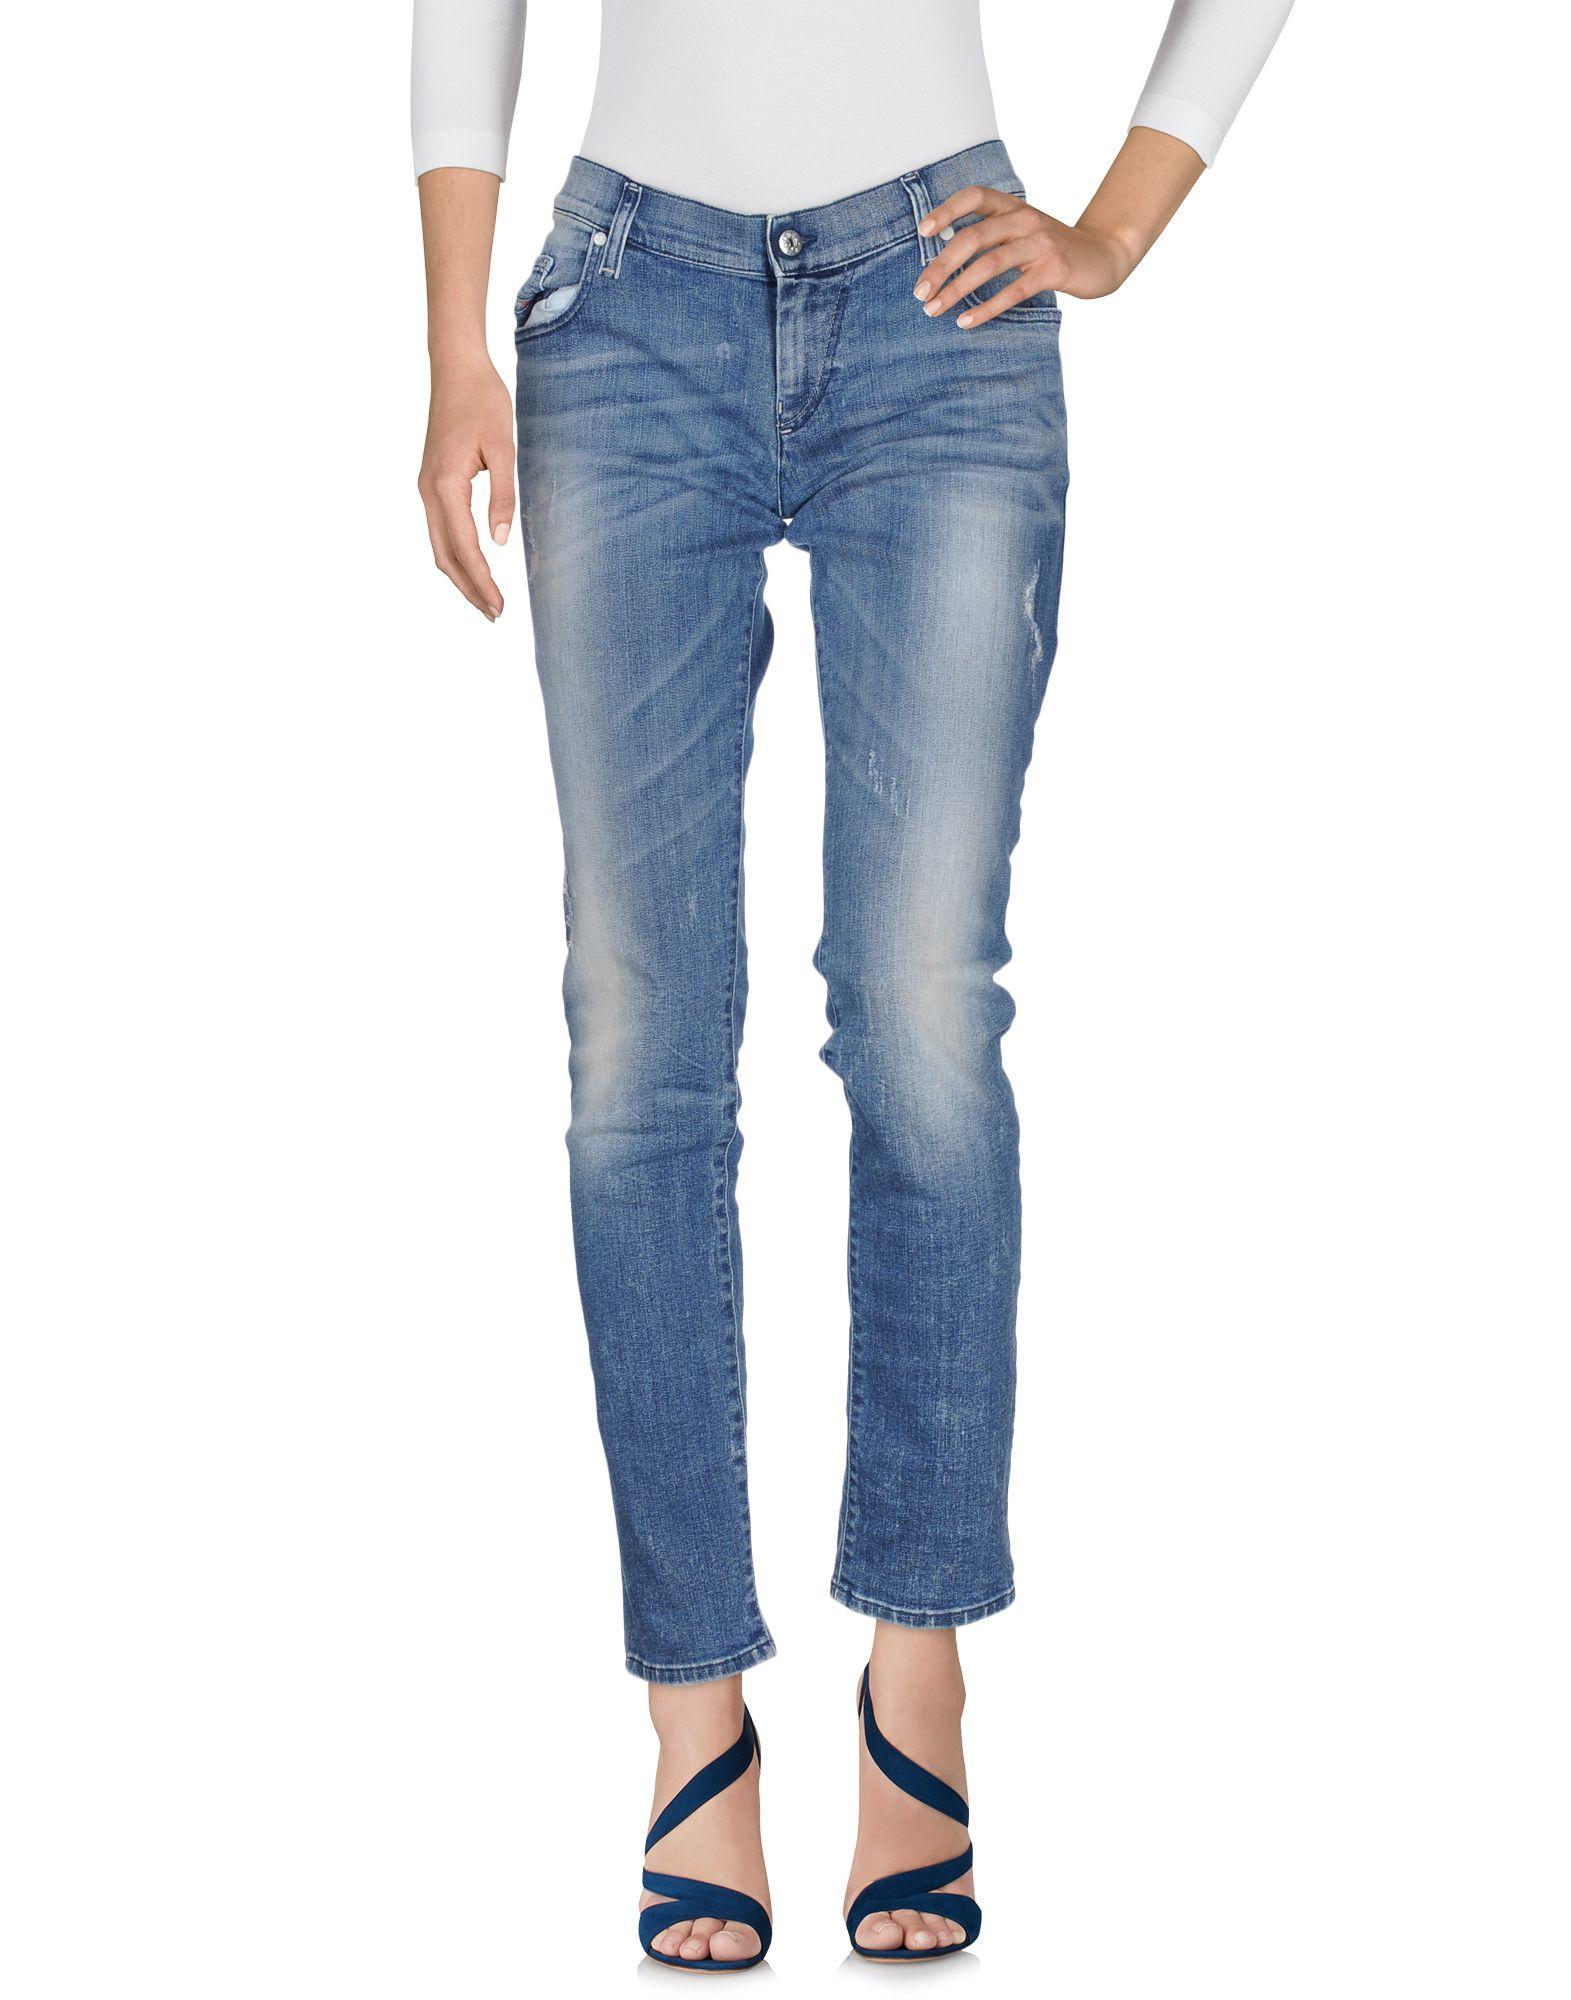 DIESEL Damen Jeanshose Farbe Blau Größe 9 - broschei